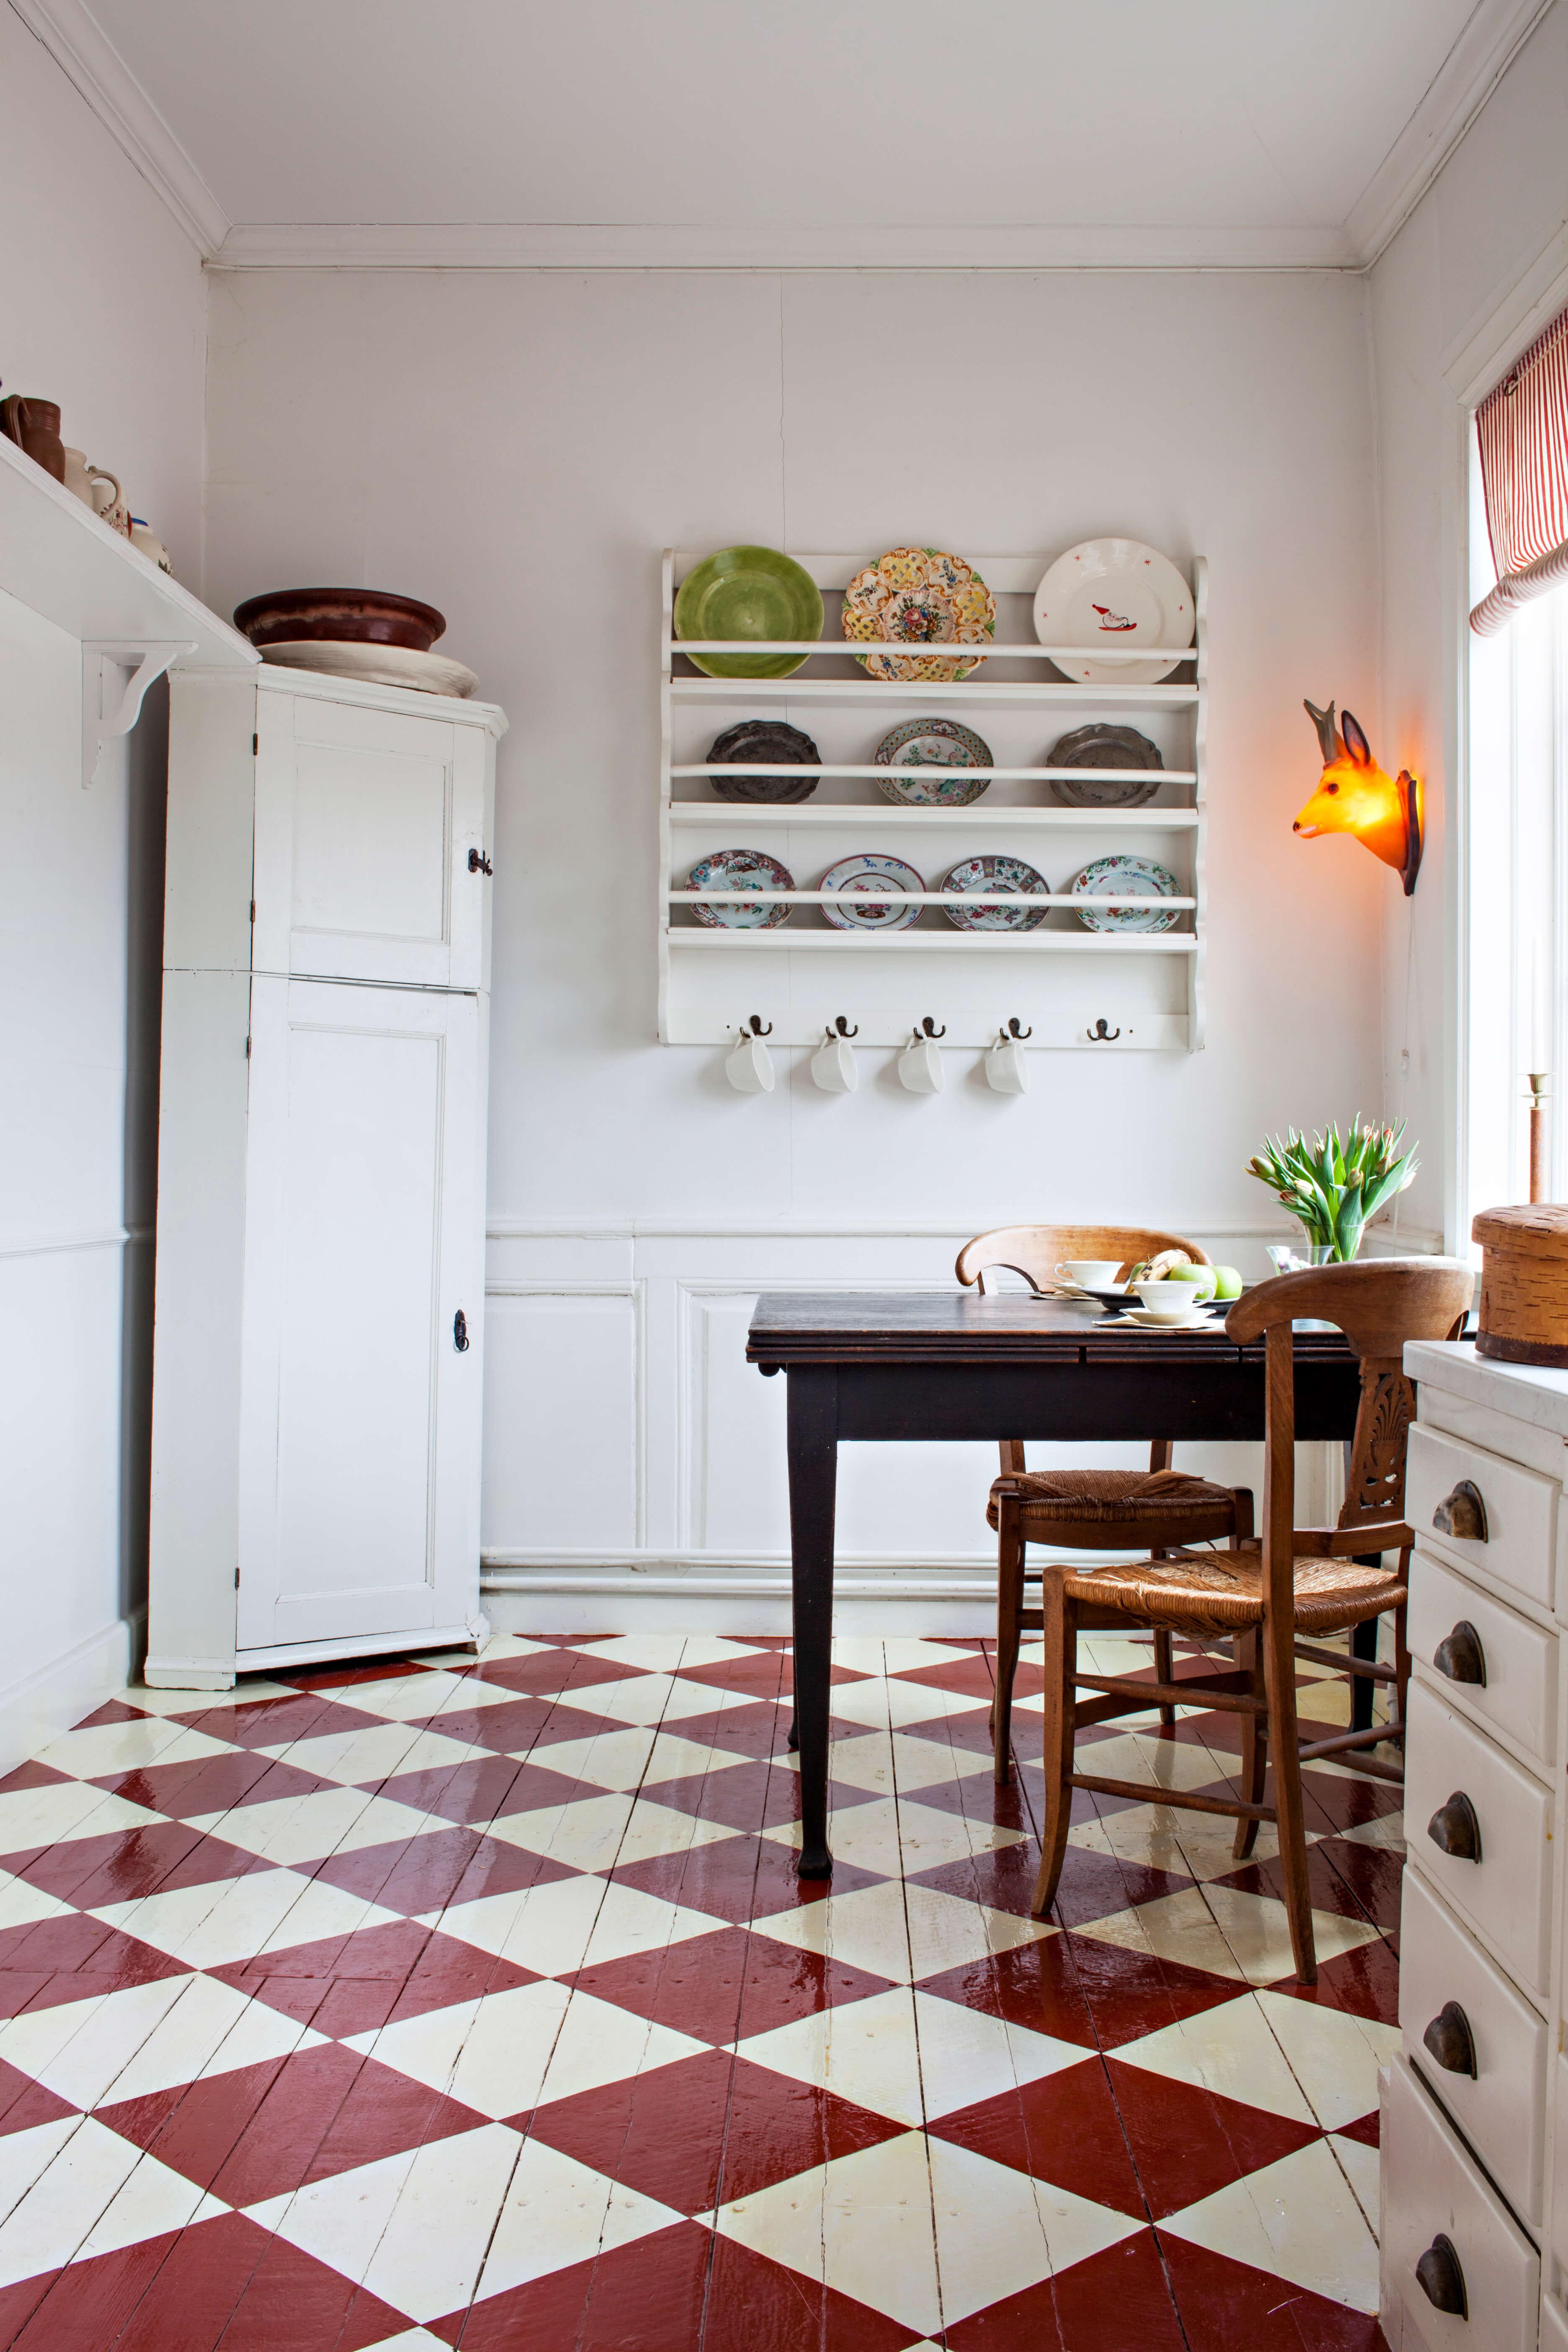 Varför inte måla golvet? Här ett rutigt golv målat i rött och vitt. Foto: Klas Sjöberg/Beckers